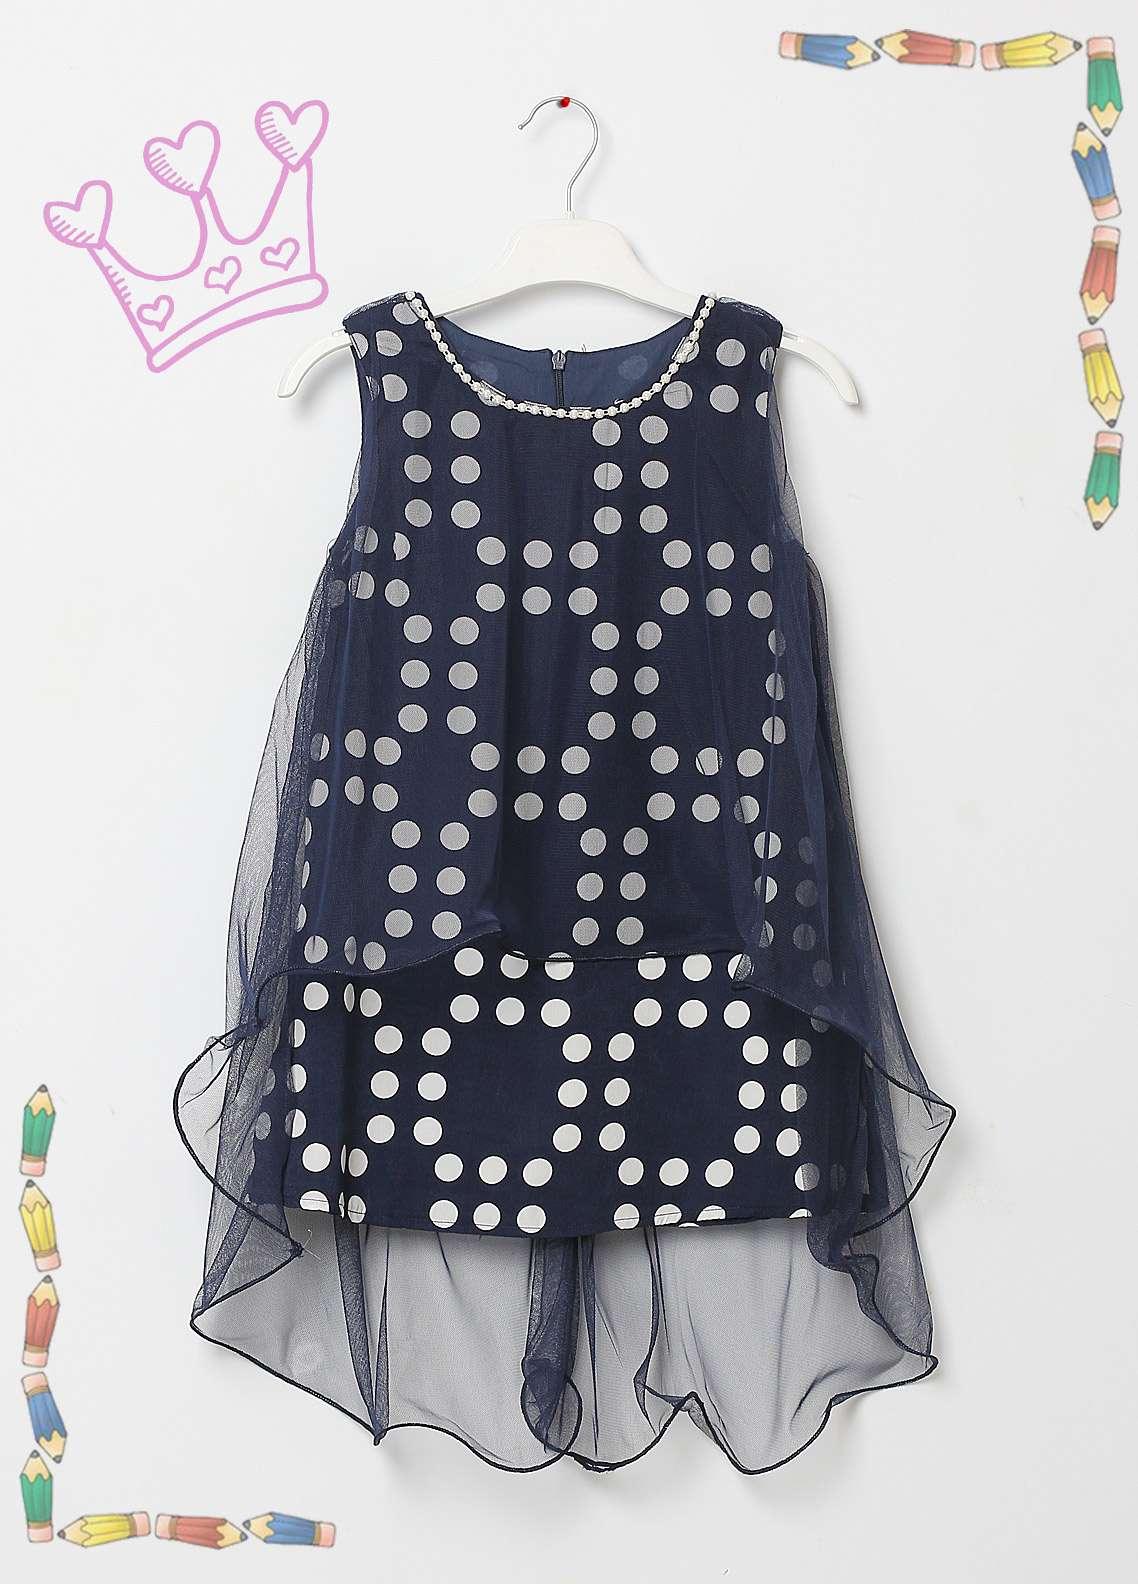 2b52e4bd005b Sanaulla Exclusive Range Cotton Net Fancy Frocks for Girls - 8524 Blue